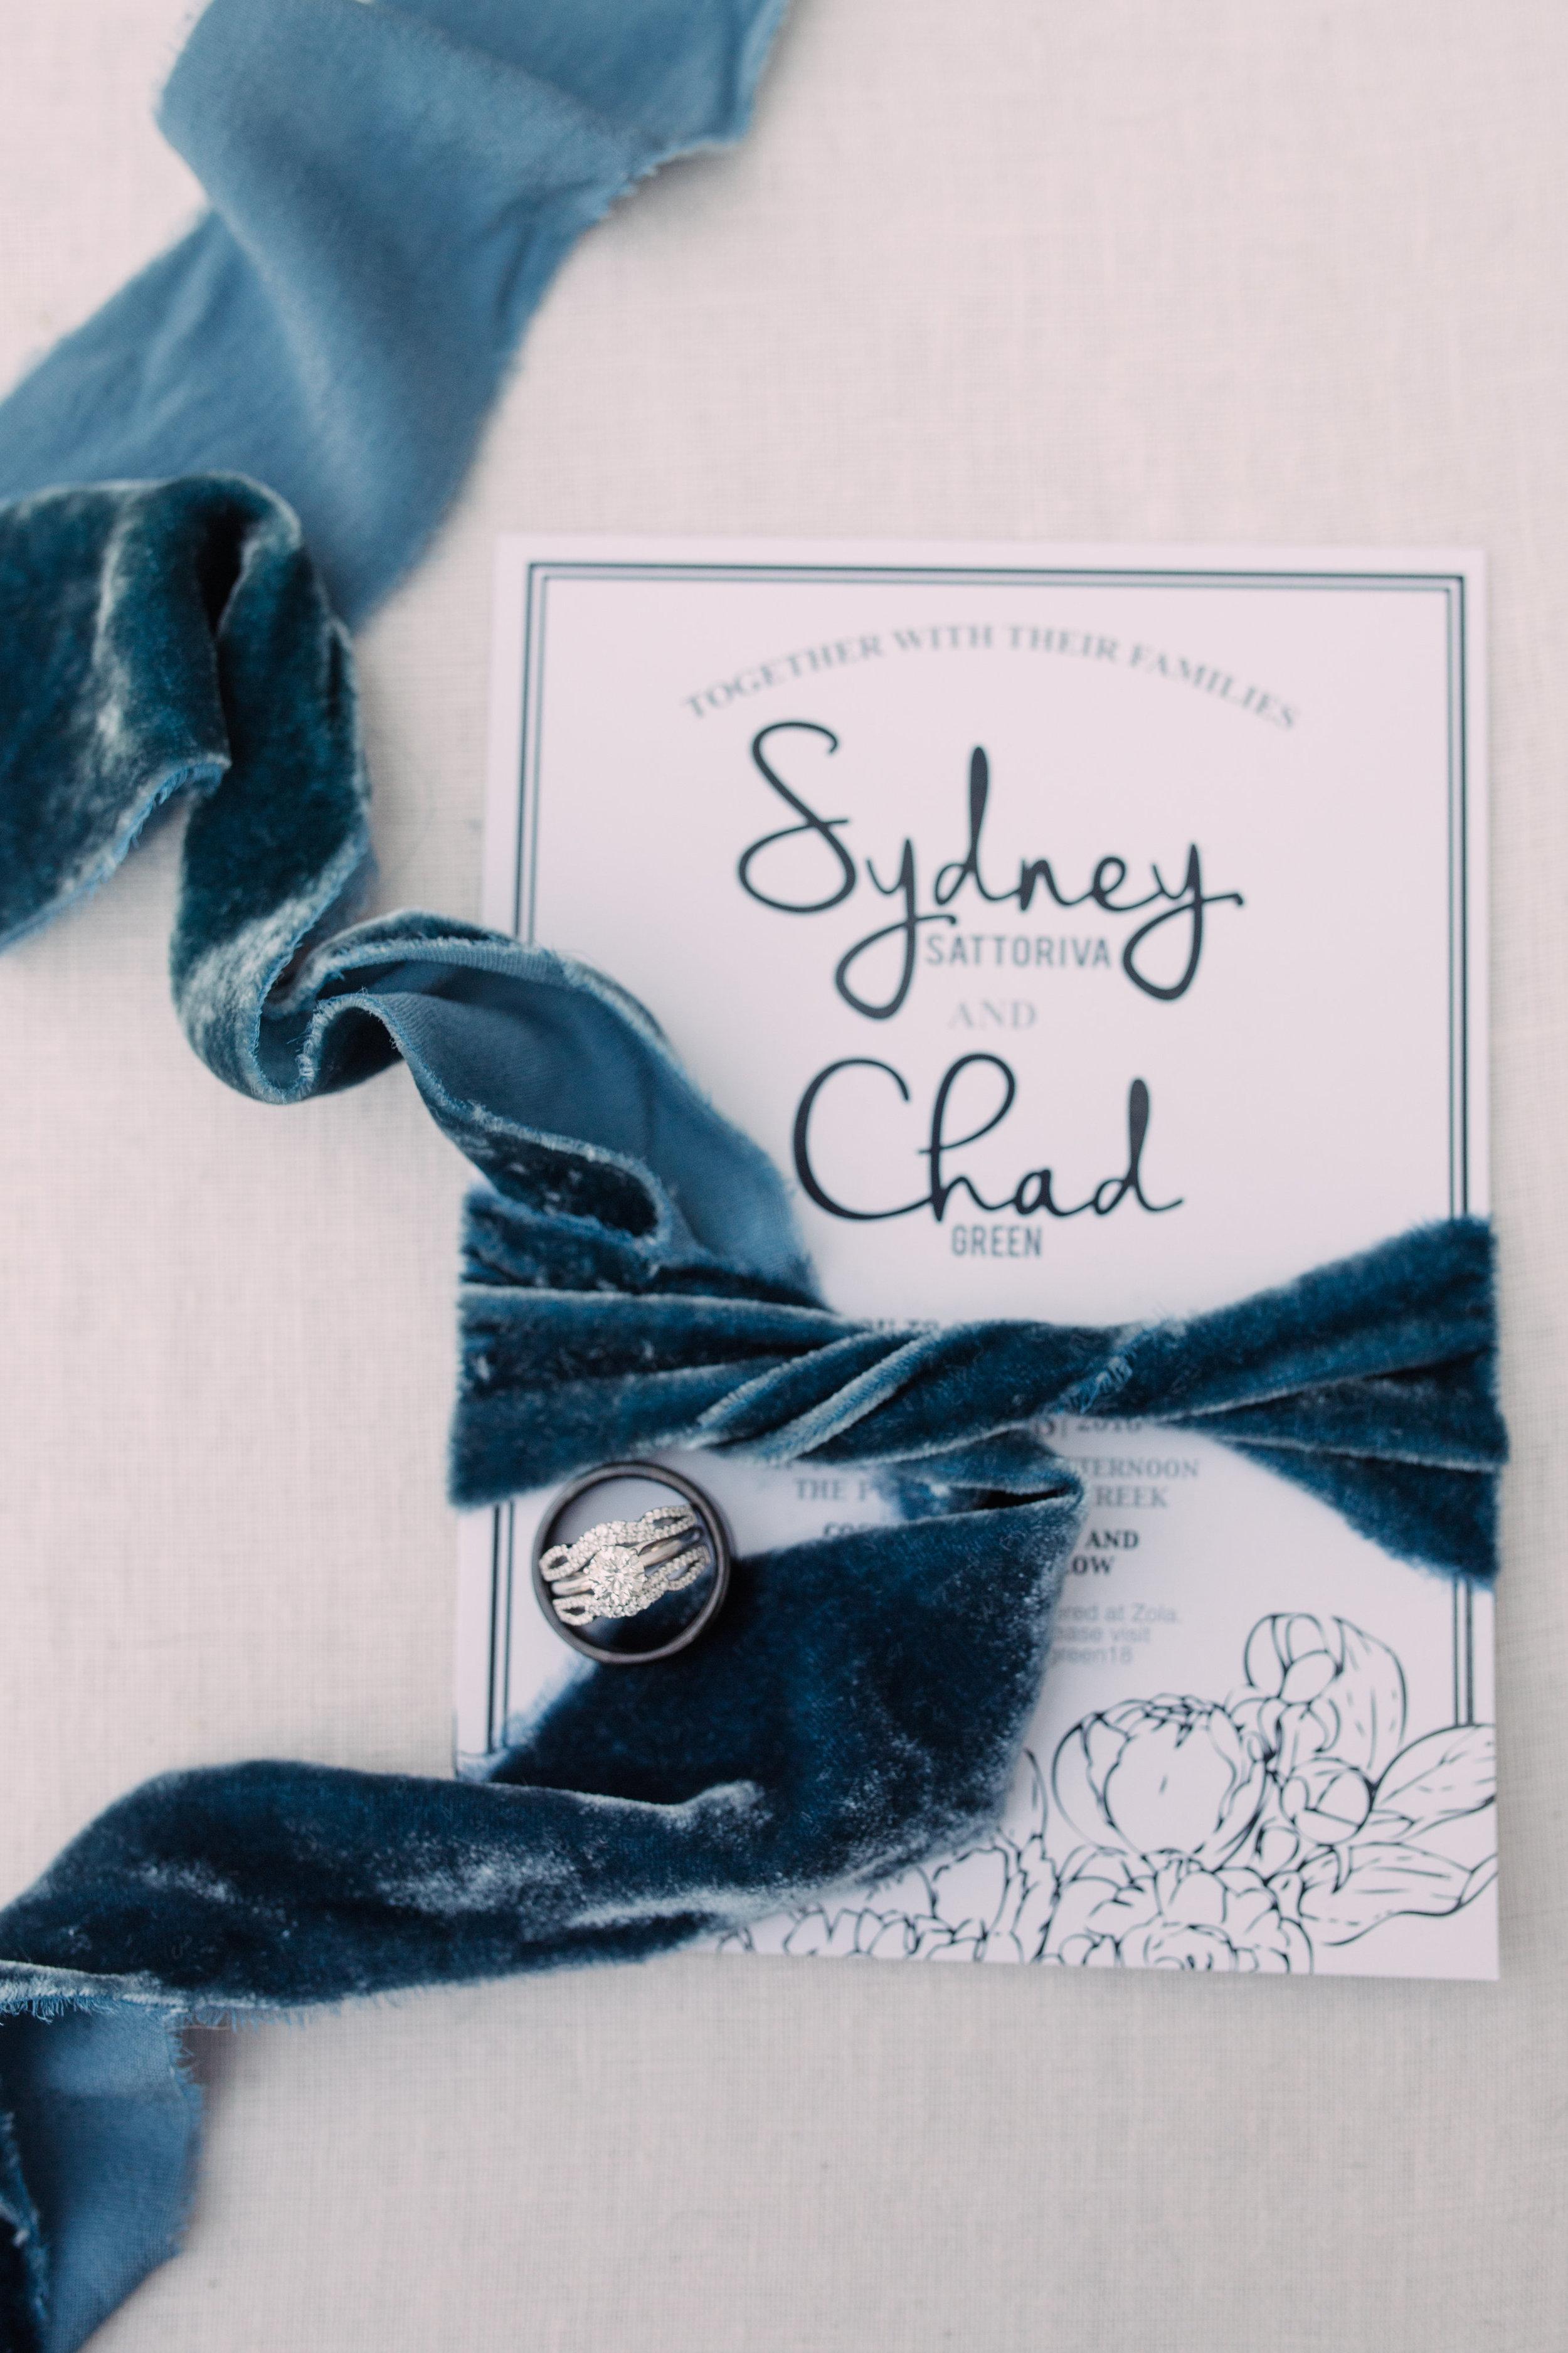 sydney and chad wedding-sydney and chad edits-0028.jpg